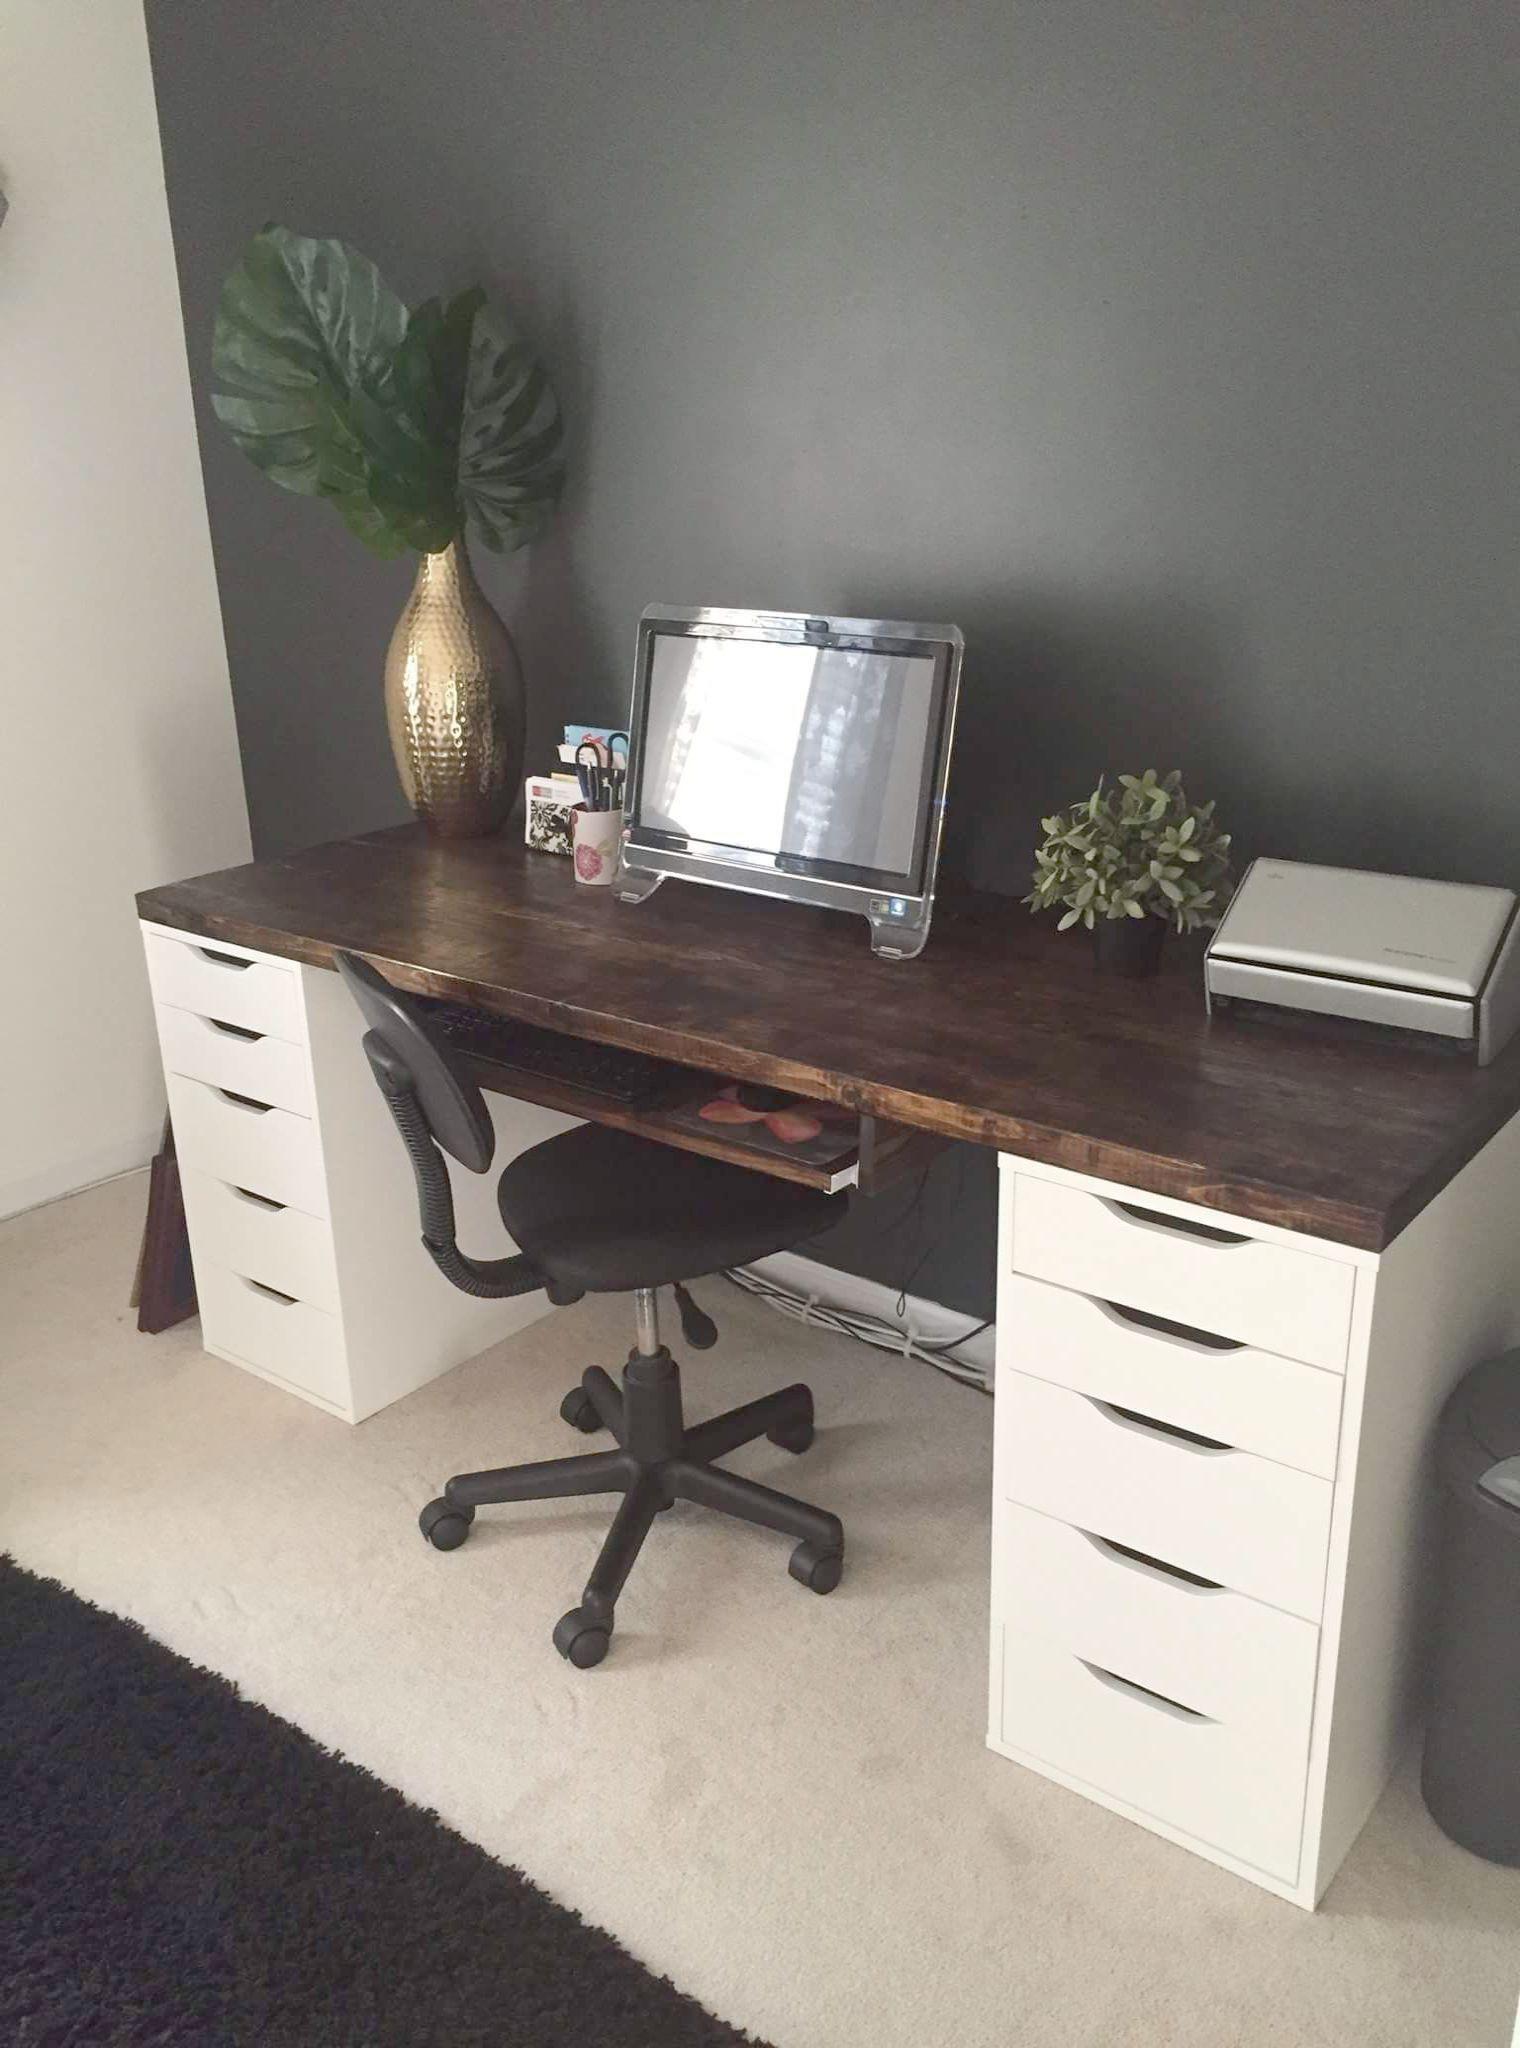 Bush Furniture Key West Collection Diy office desk, Diy